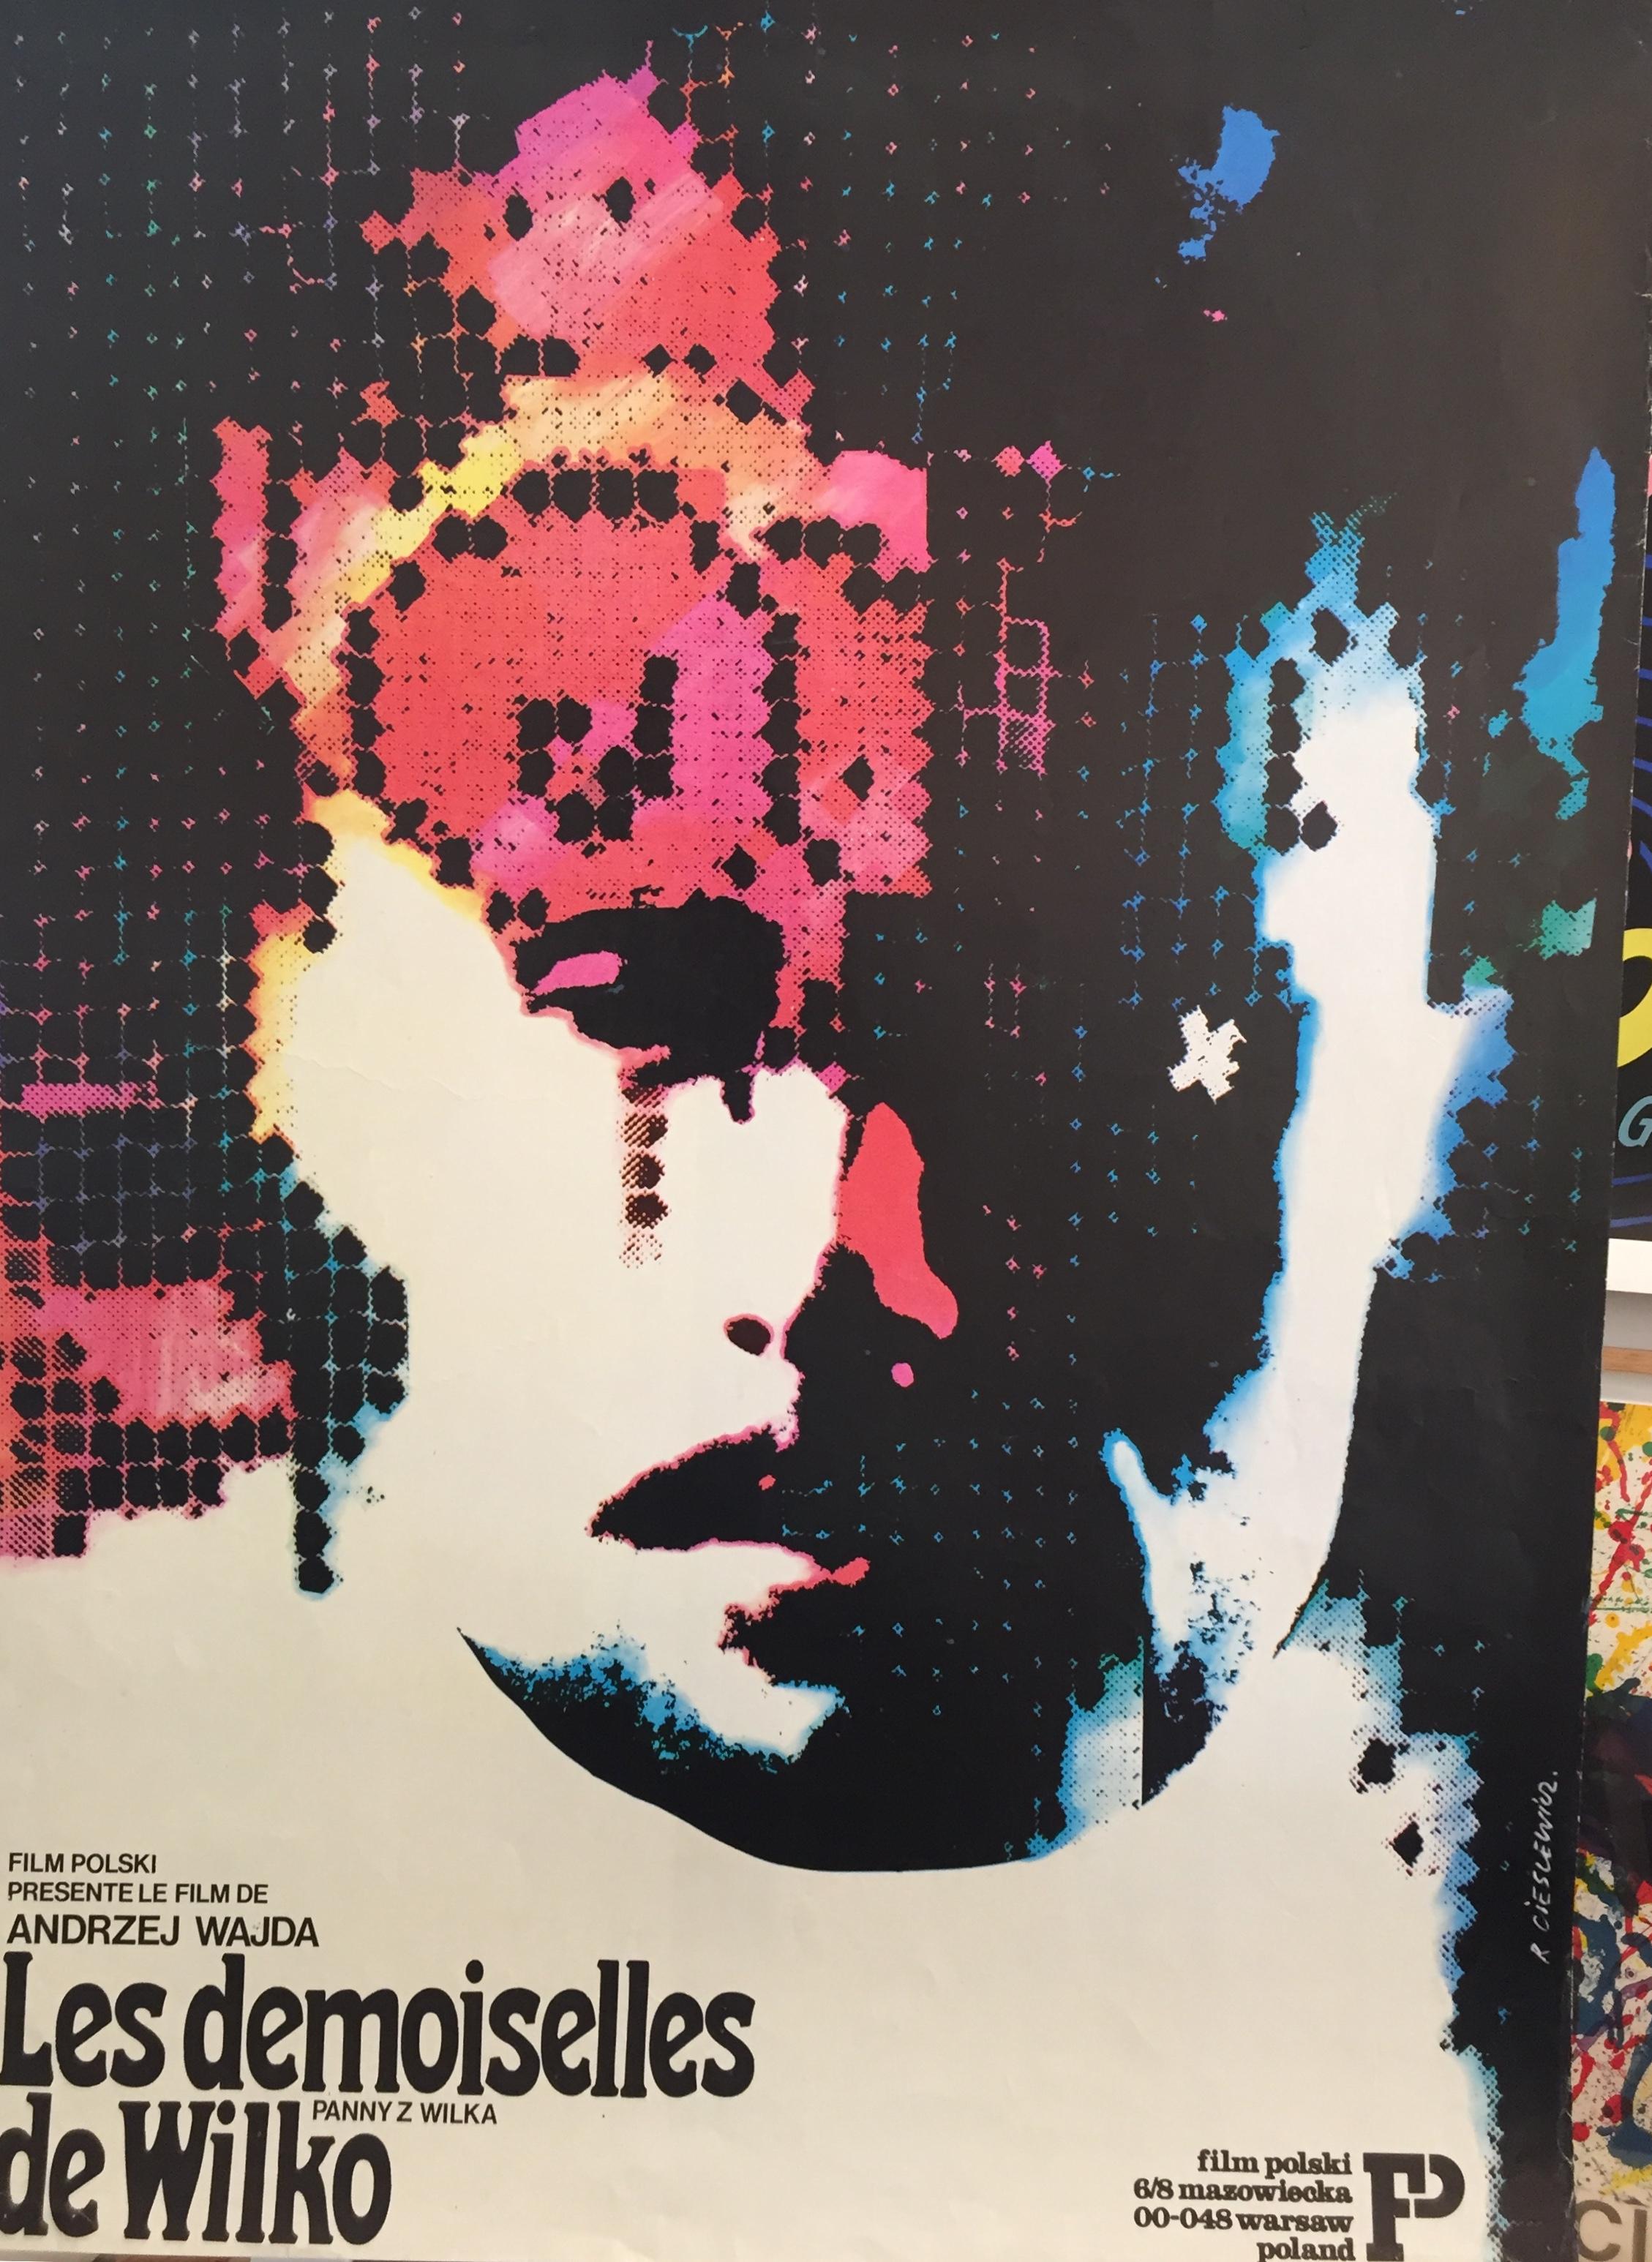 Les demoiselles de Wilko 1978 Original Vintage Poster